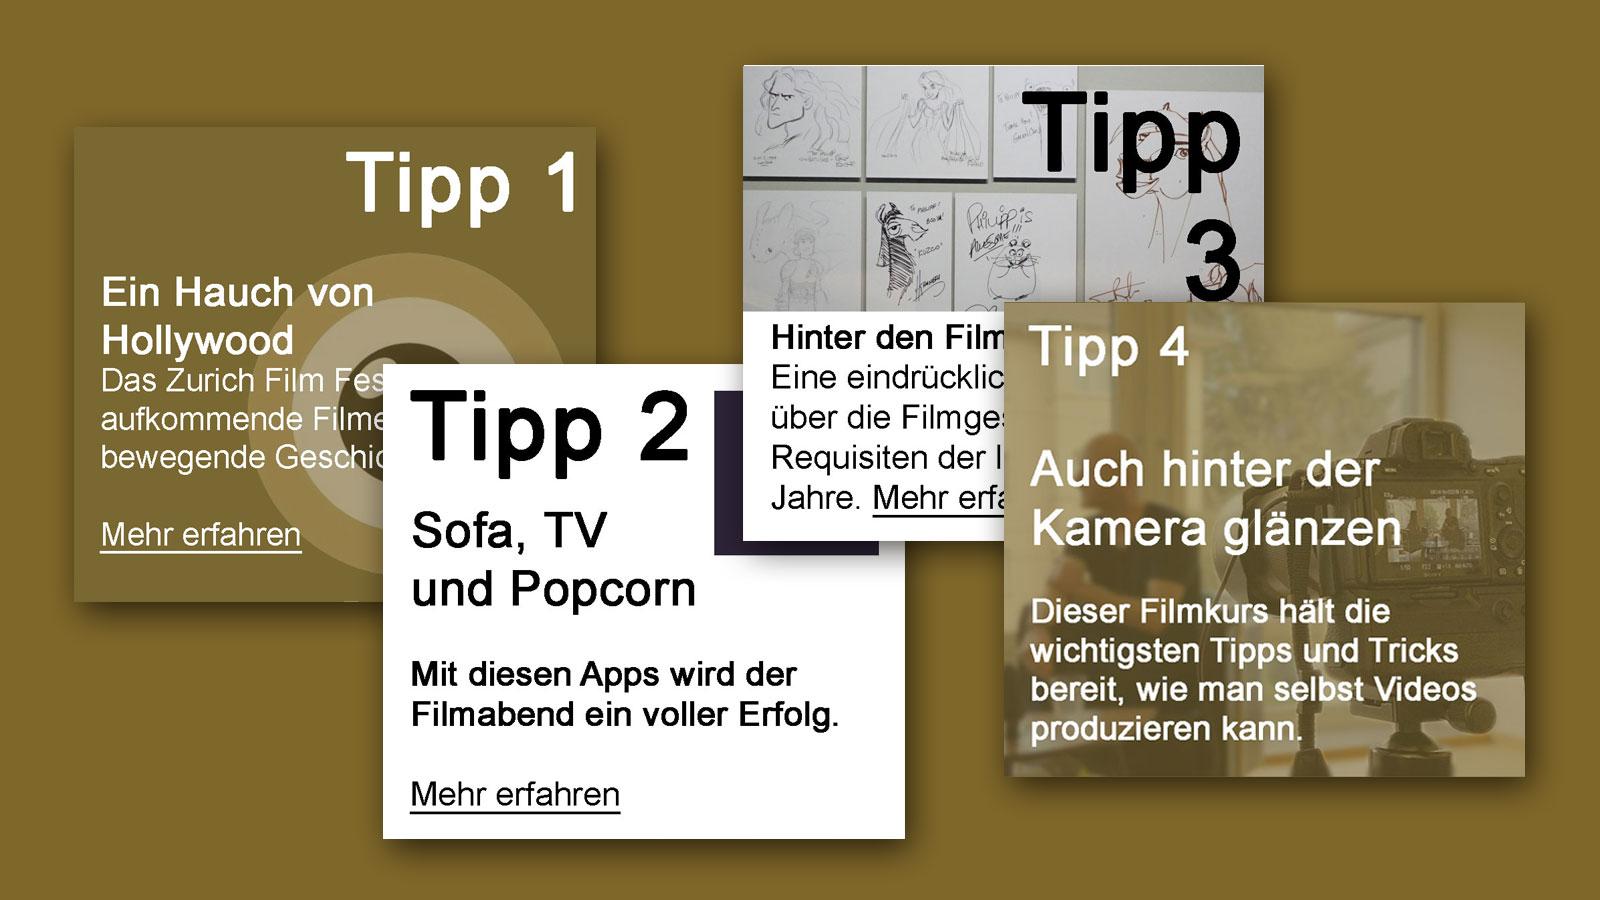 IN KÜRZE – Tipps zum Thema Film